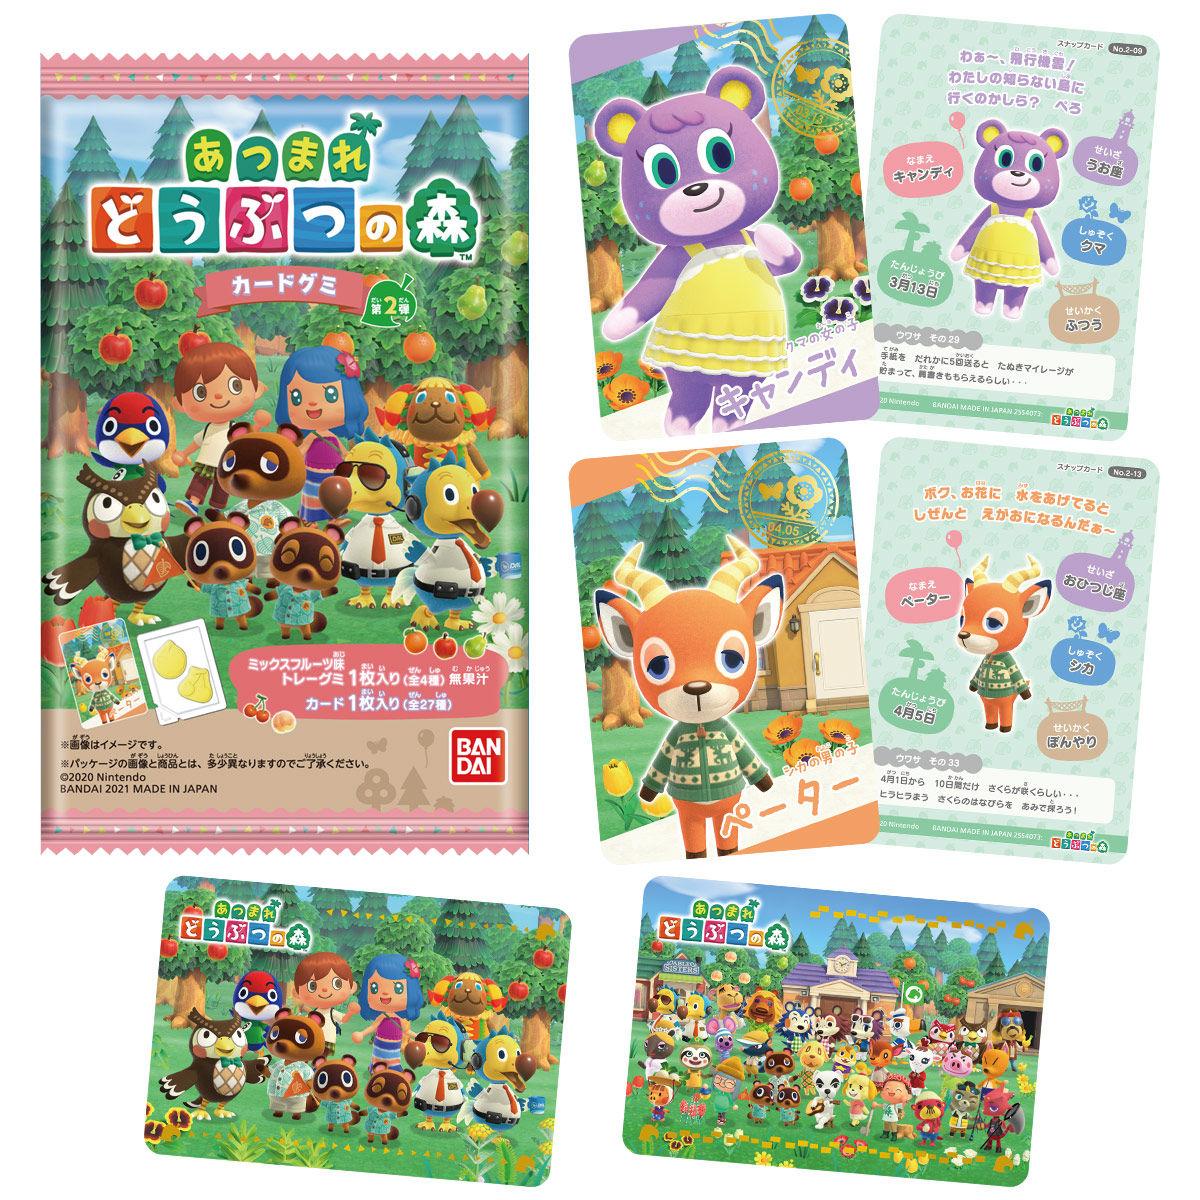 【食玩】あつ森『あつまれ どうぶつの森 カードグミ 第2弾』20個入りBOX-001